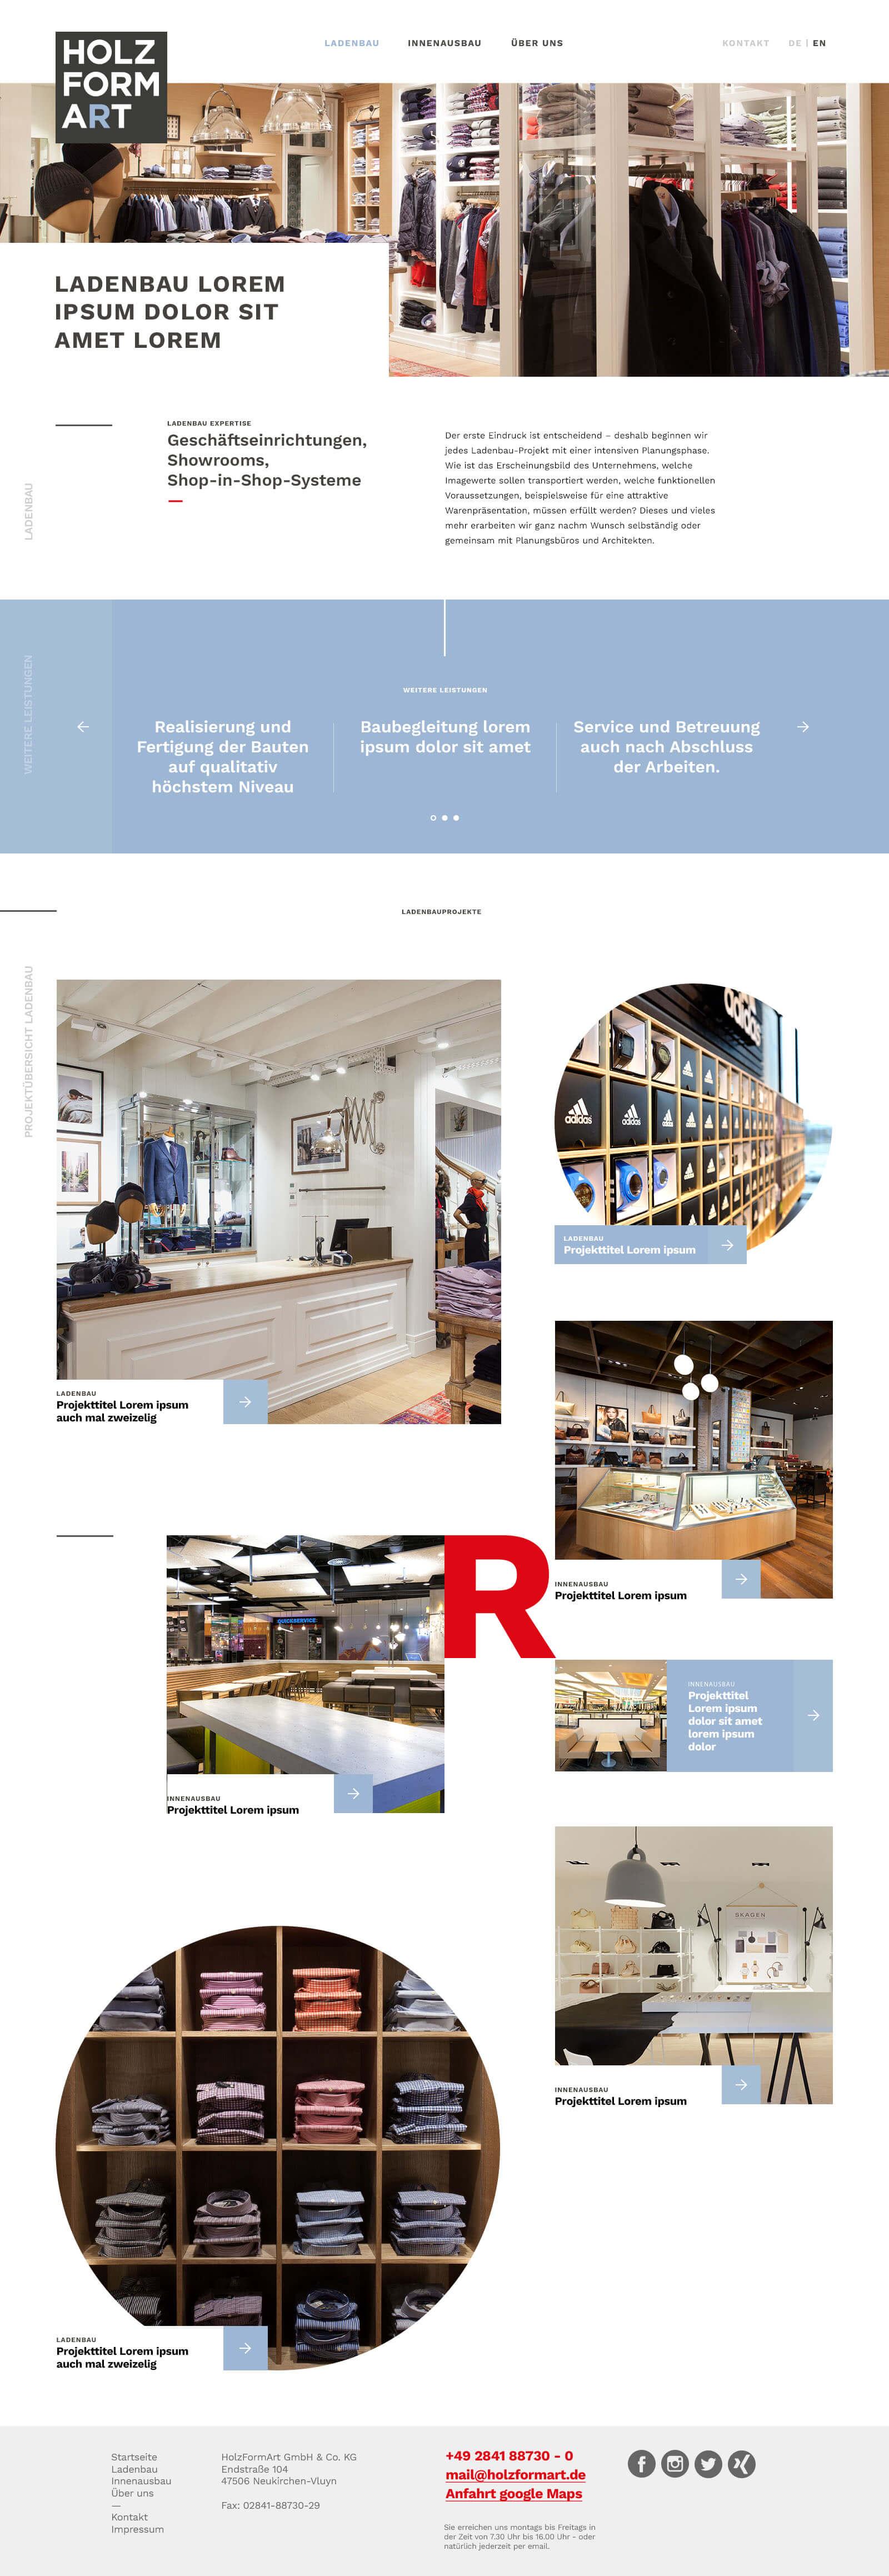 Holzformart - Webdesign und digitales Branding - weitere Case-Seite